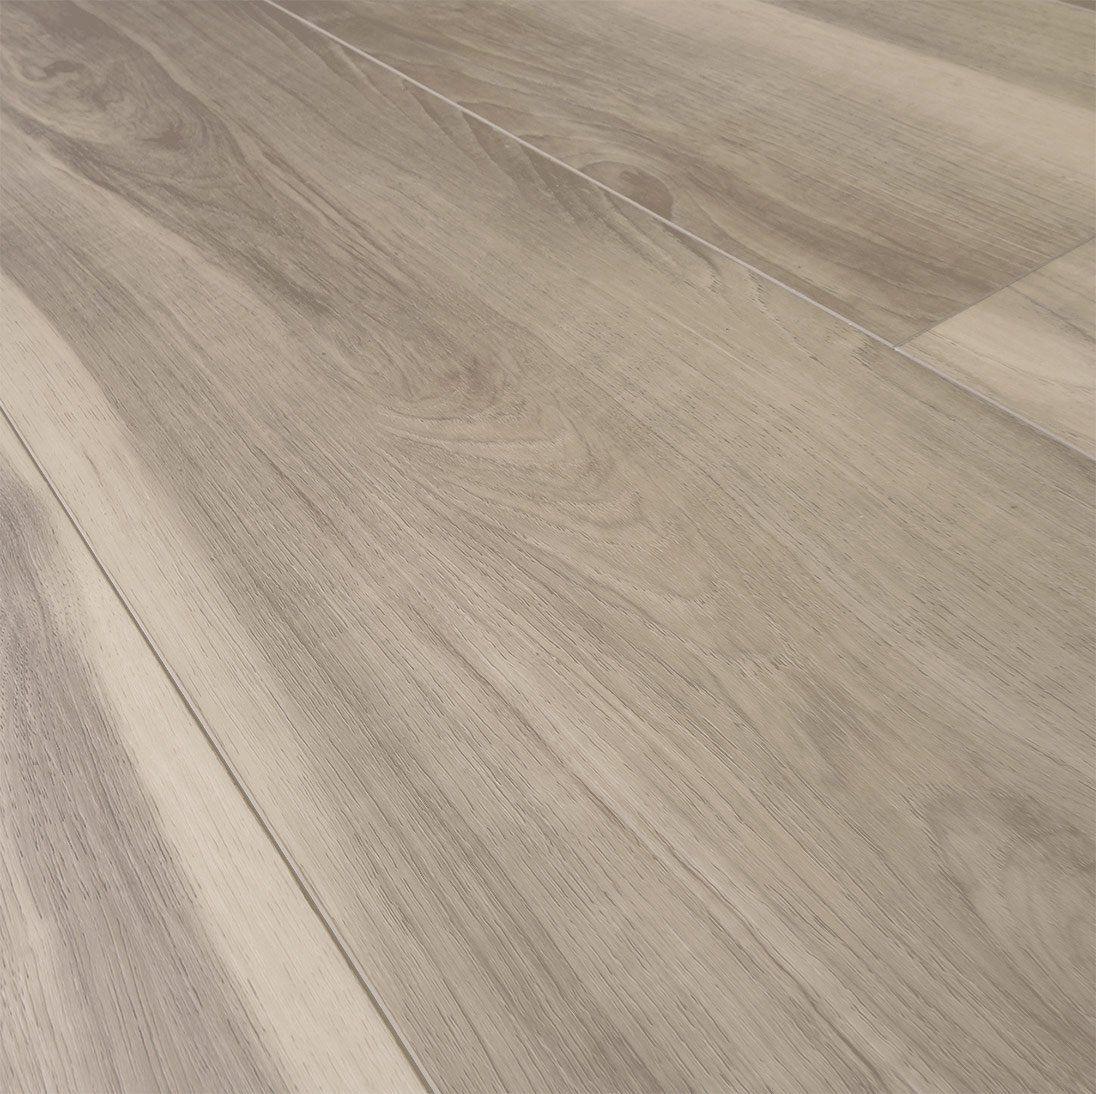 5mm Kiln Hickory Pashmina 88053 001 Vinyl Flooring Vinyl Plank Flooring Flooring